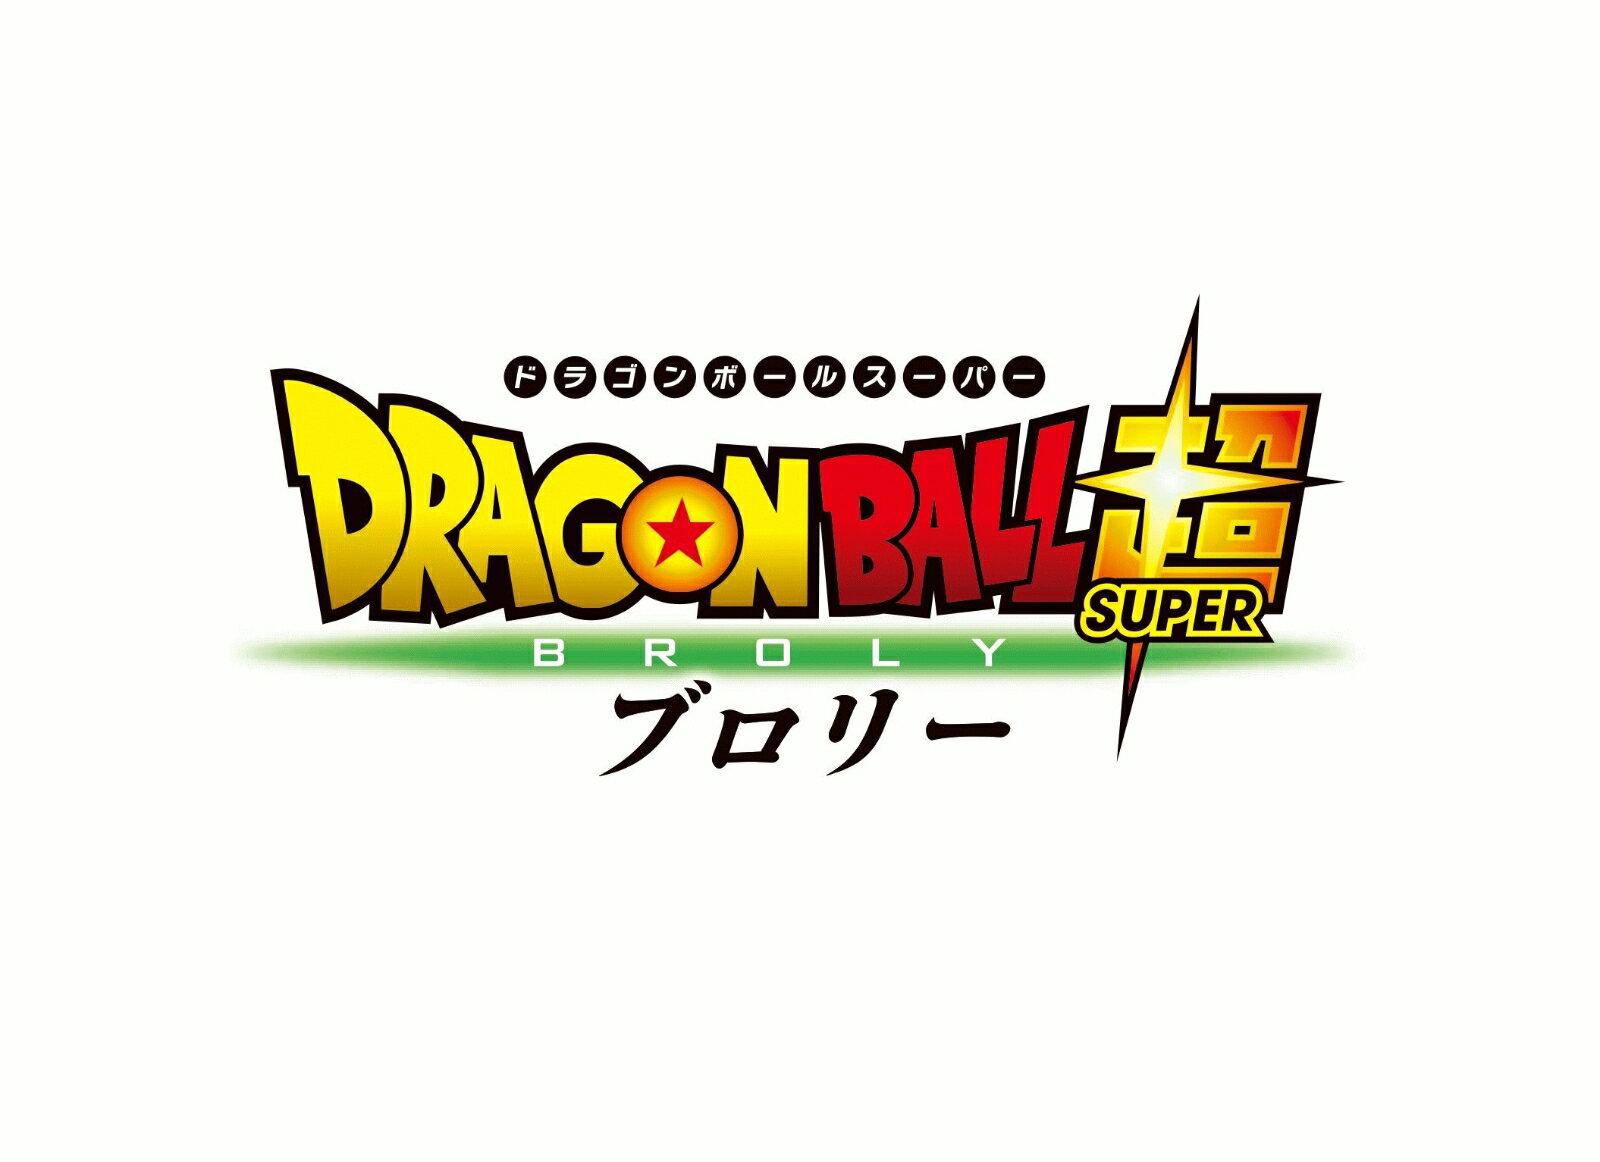 ドラゴンボール超 ブロリー(特別限定版)【Blu-ray】 [ 鳥山明 ]